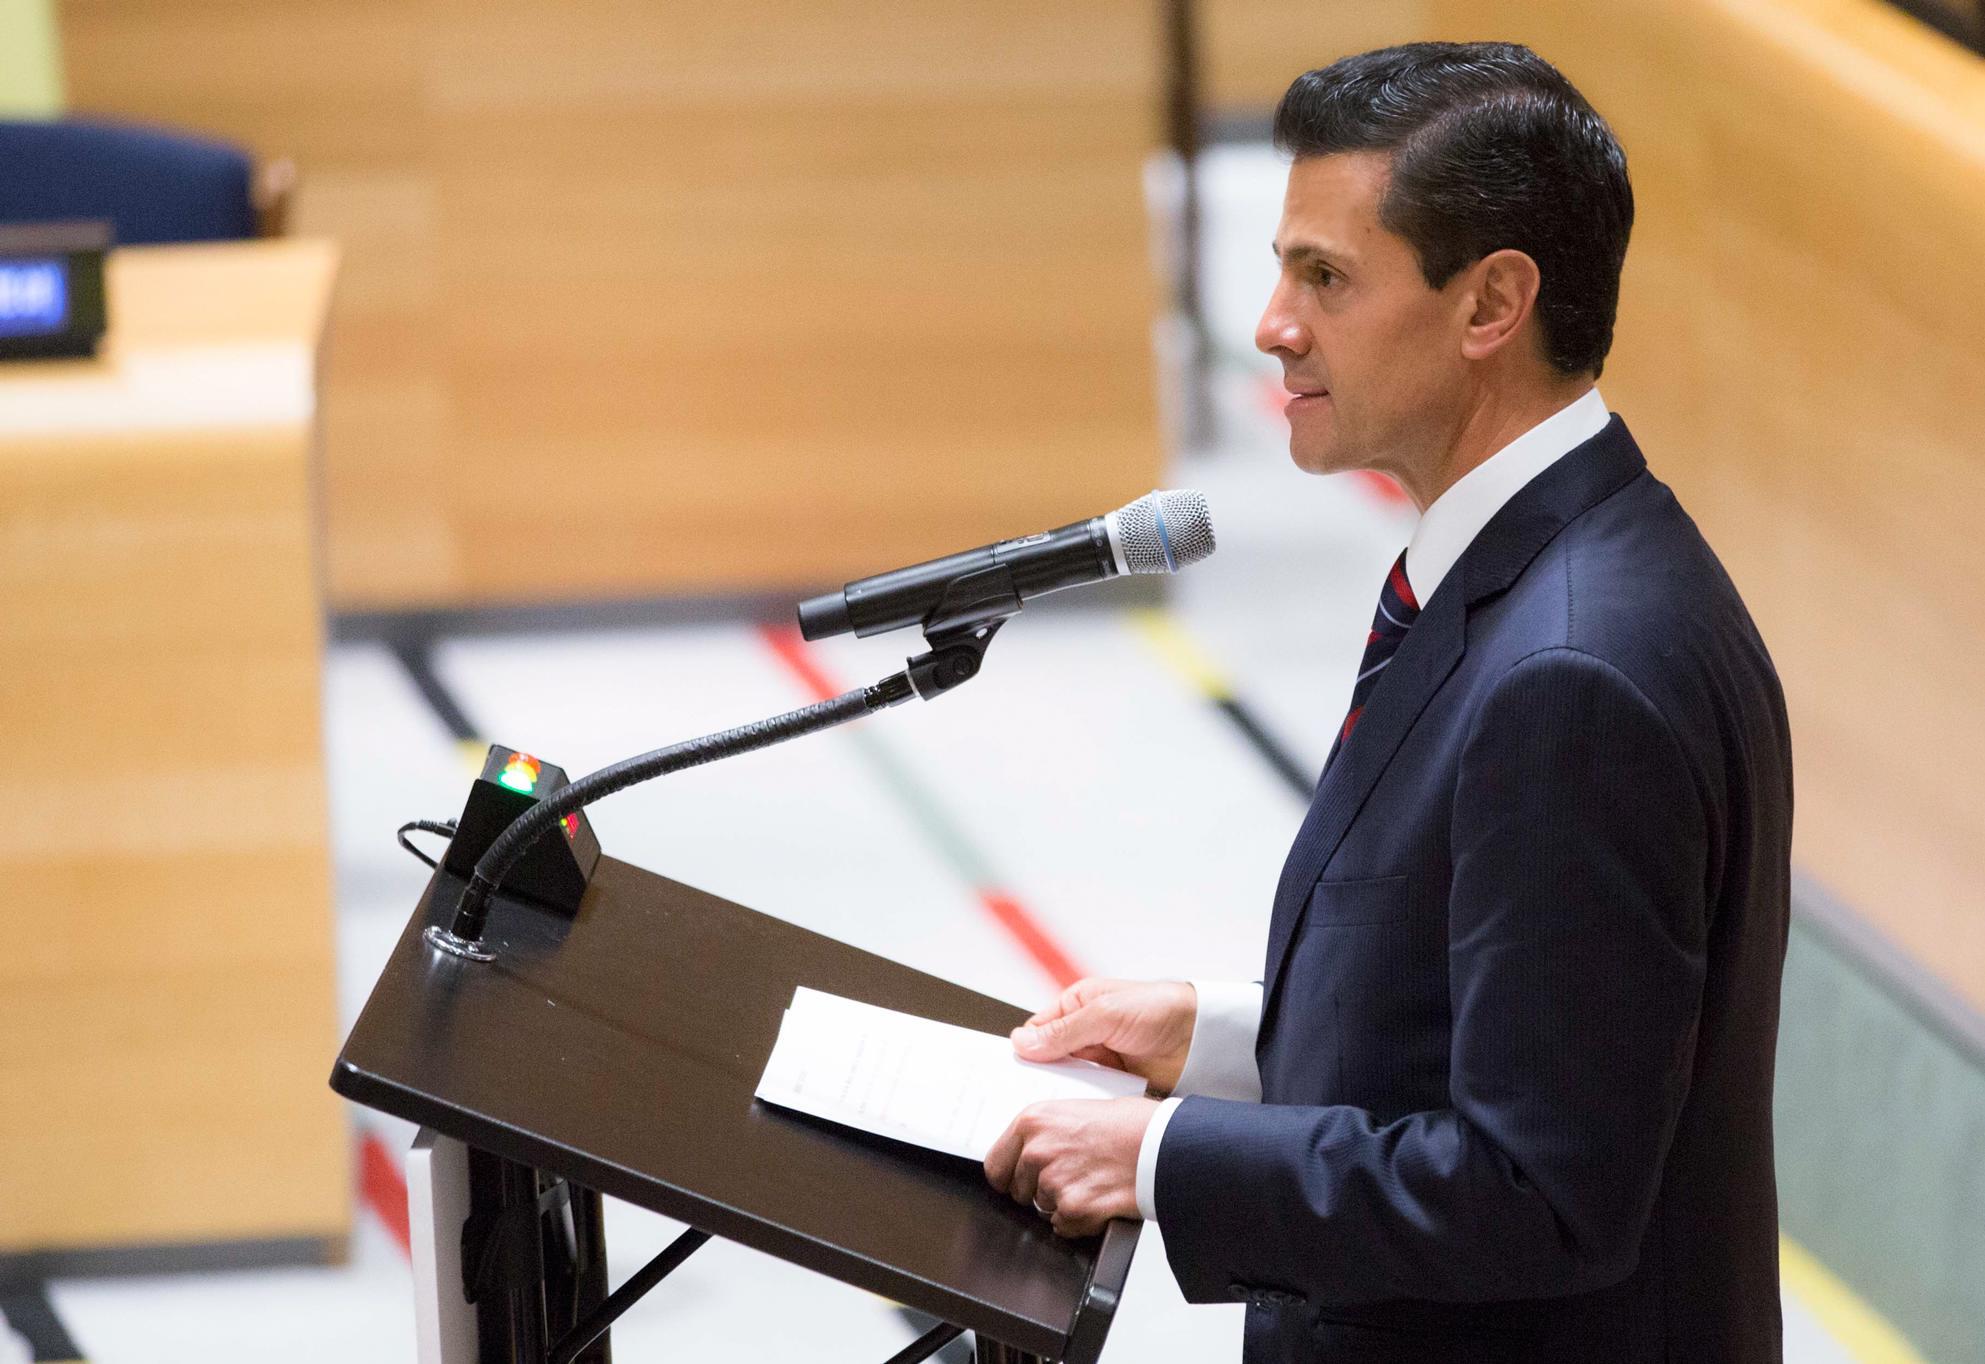 El Primer Mandatario participó en la Sesión Plenaria de la Reunión de Alto Nivel para atender grandes movimientos de migrantes y refugiados, Asamblea General de la ONU.